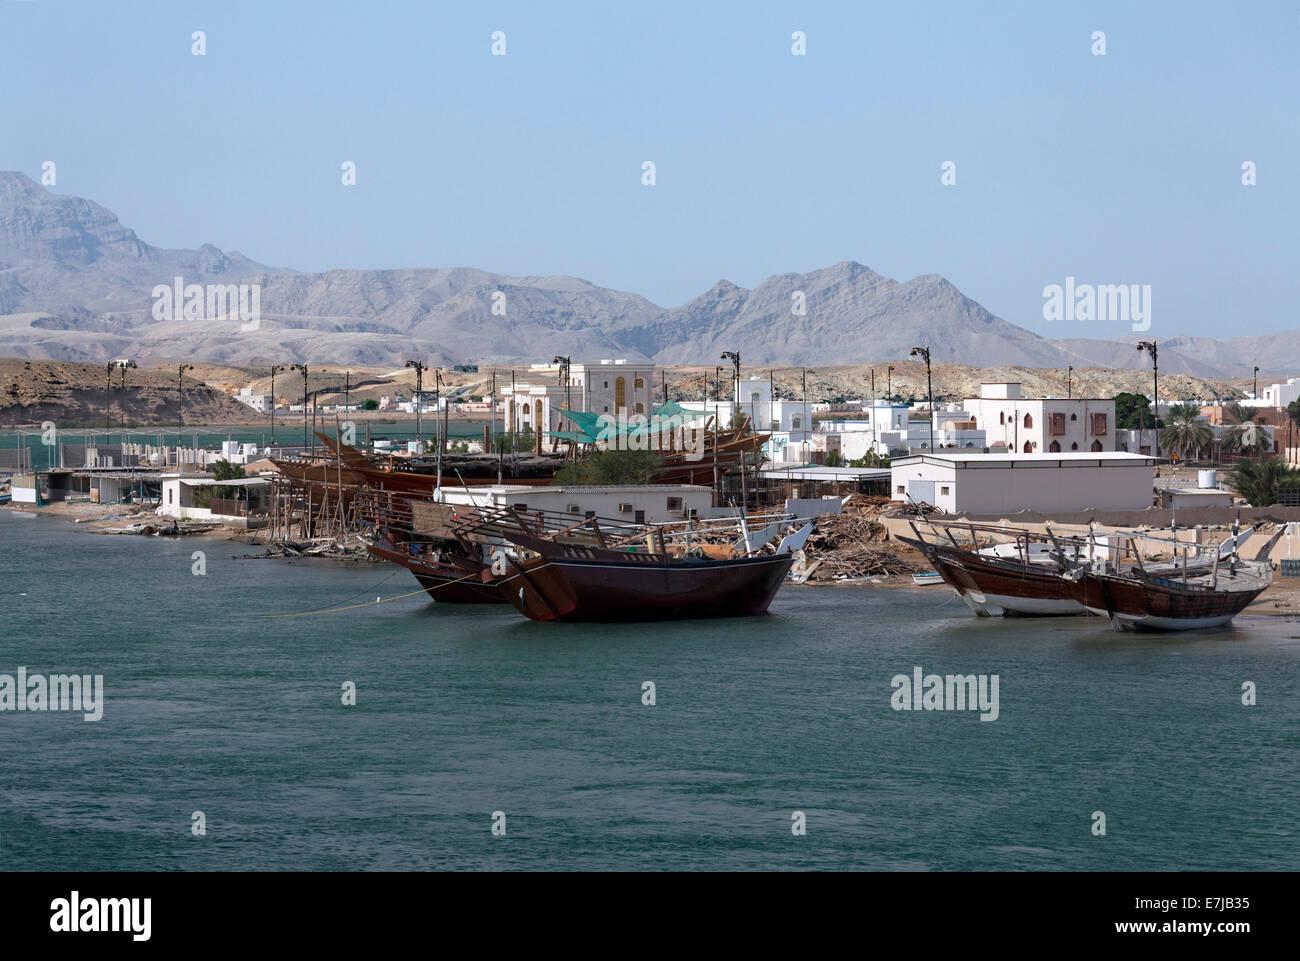 Cantiere per la riparazione di vecchi dhow-navi, Sur, Ash Sharqiyah provincia, il sultanato di Oman, Penisola arabica Immagini Stock